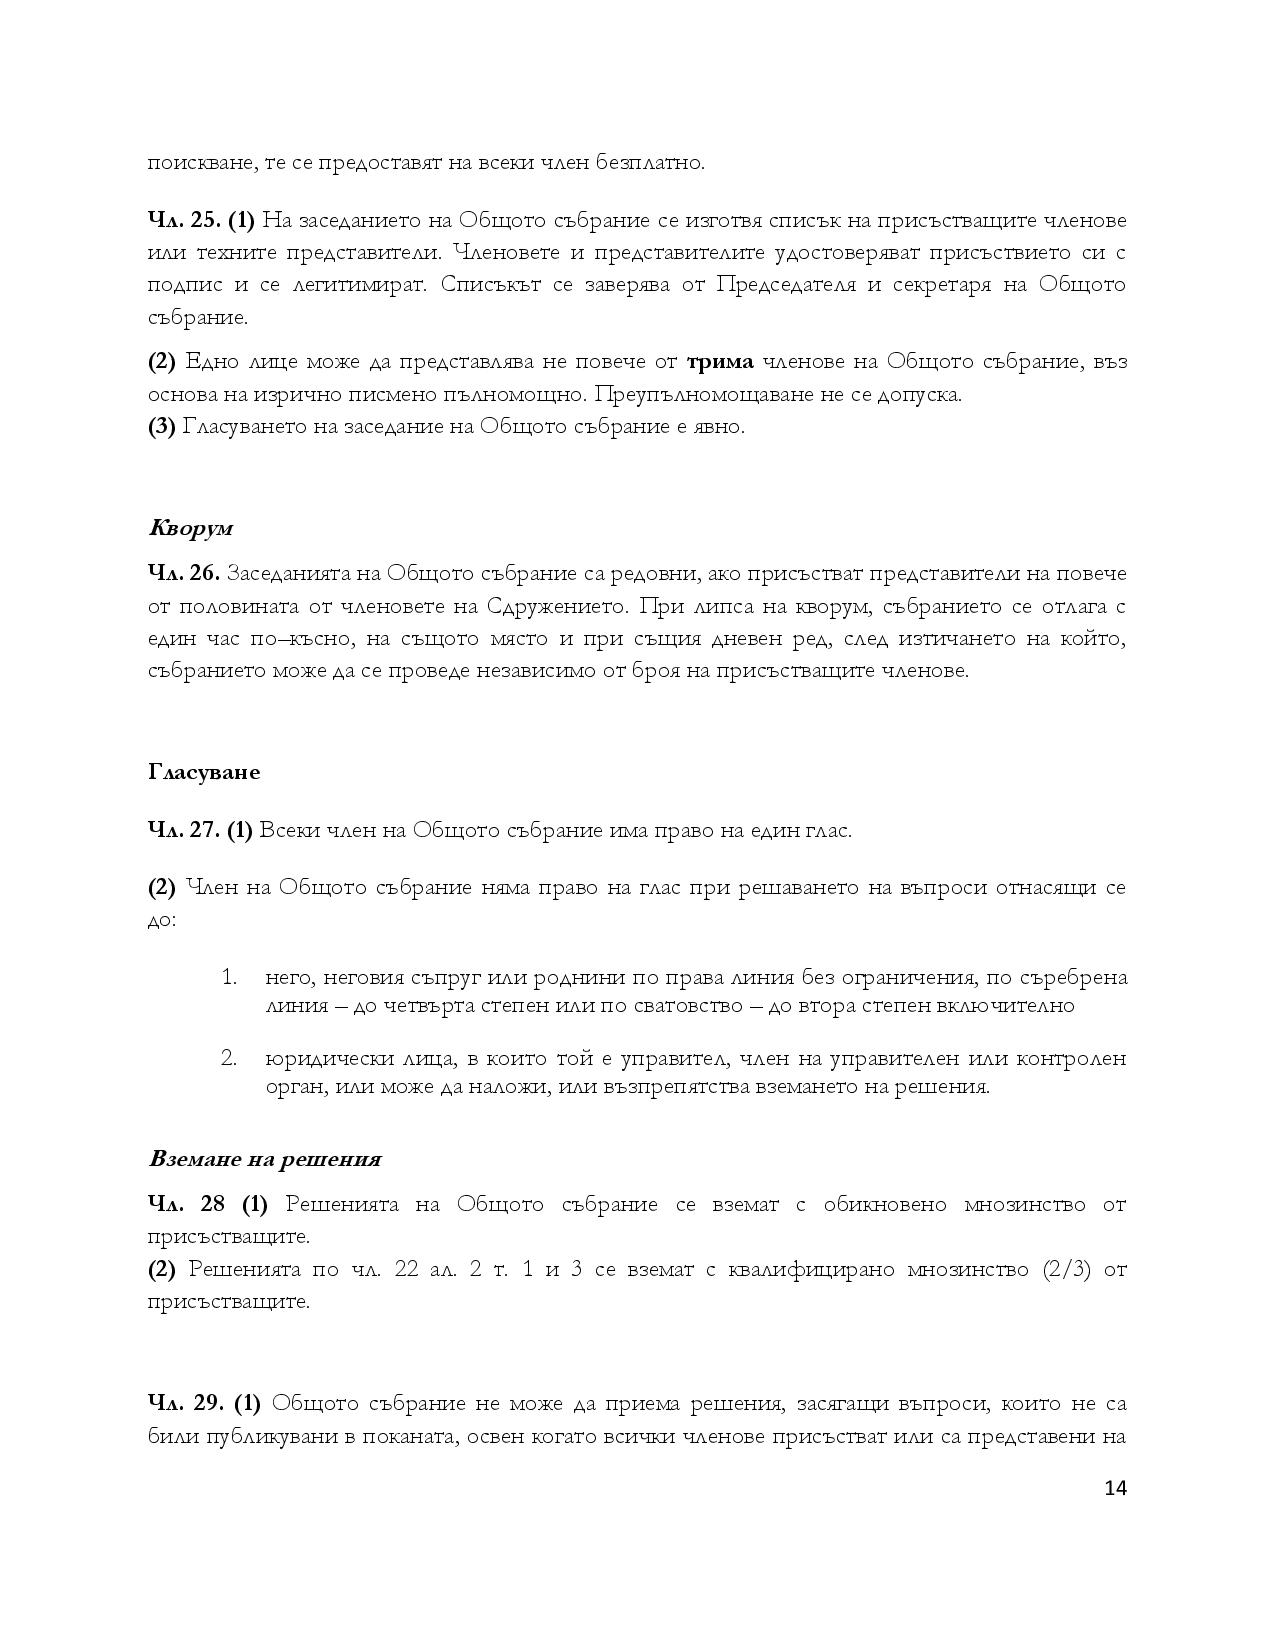 Ustav_Footura_final_2013-page-014